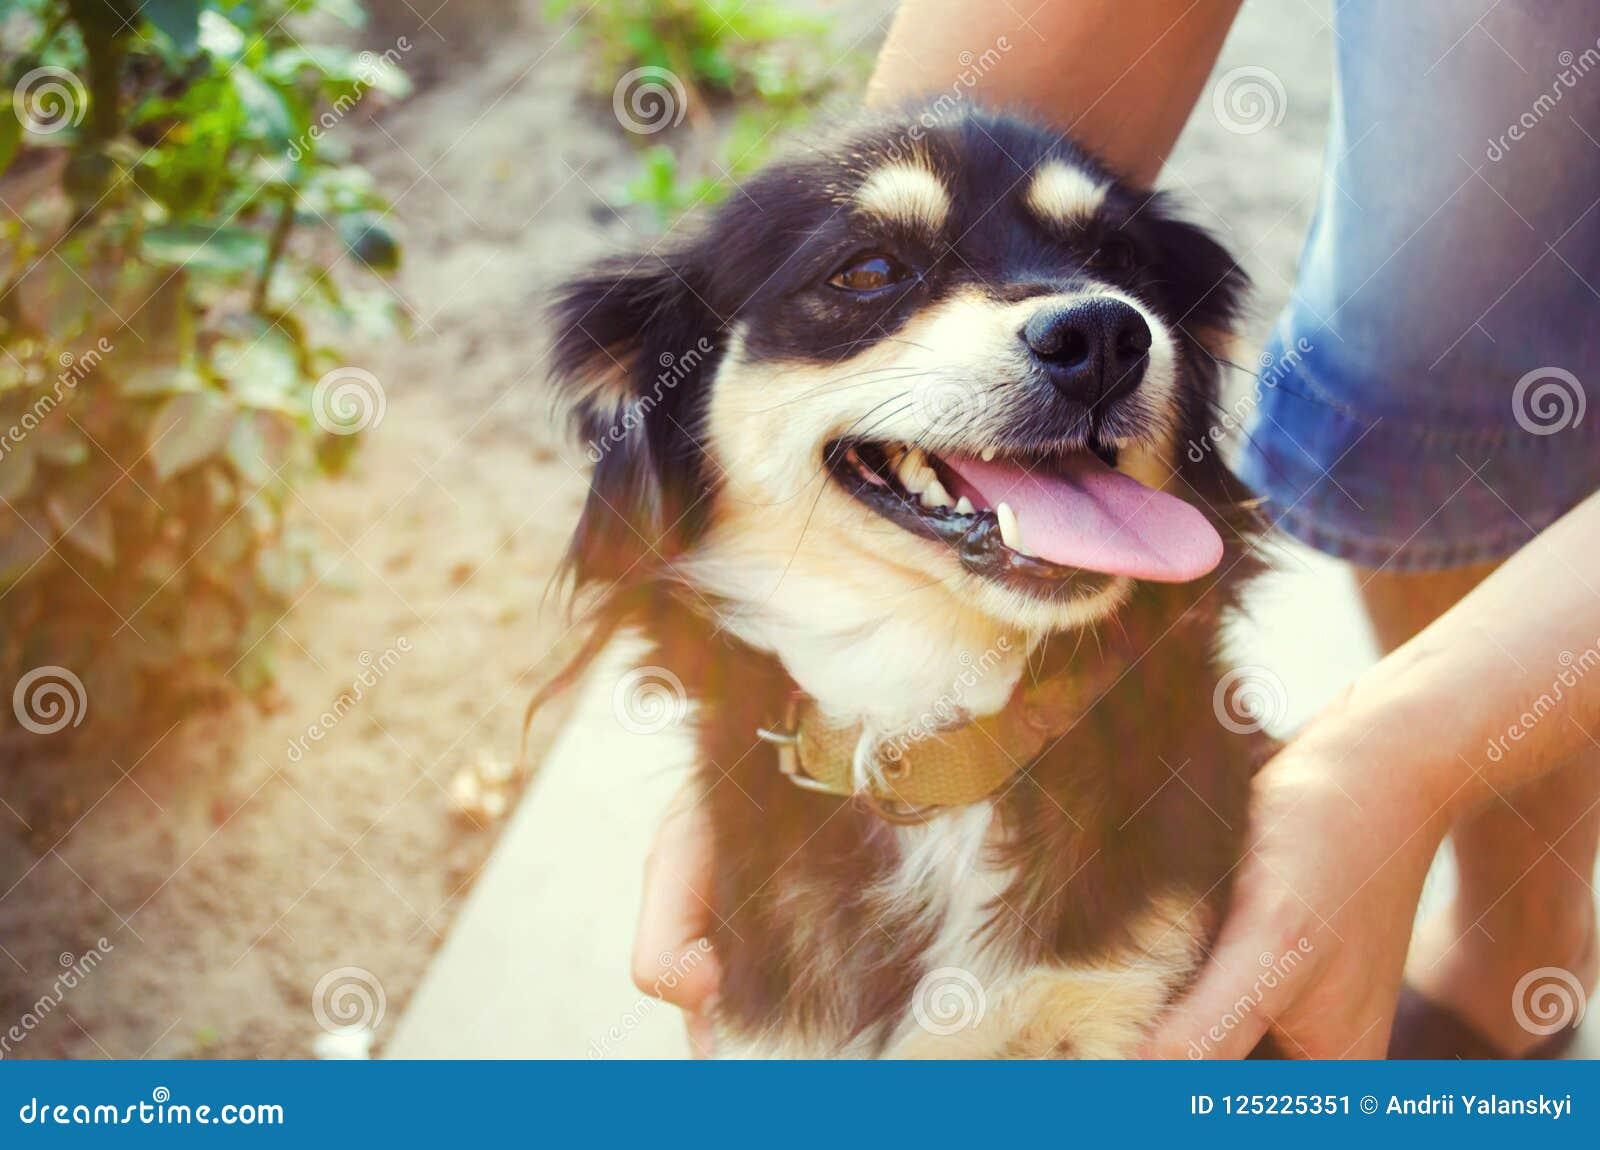 Lycklig fri tid med den älskade hunden! grabben spelar med ett husdjur i det trädgårds-/parkerar på en solig dag Svart vovve frit